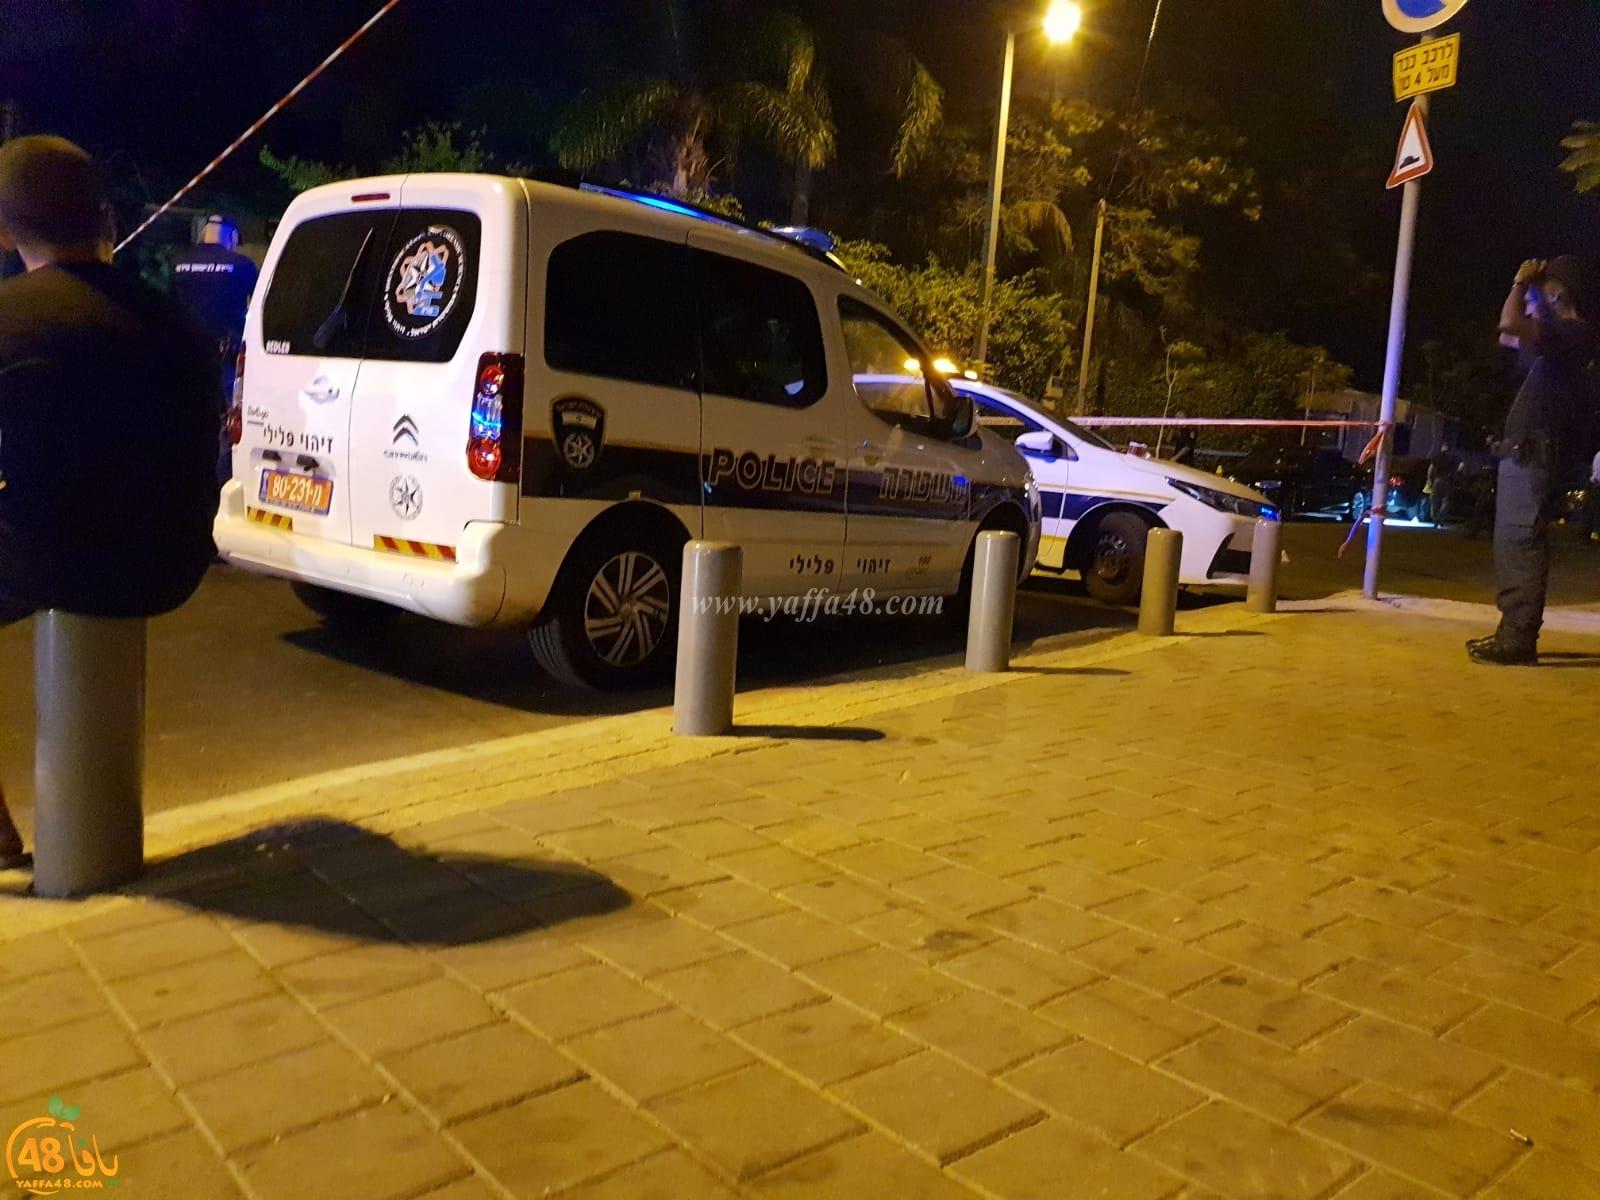 الشرطة: 5 إصابات في حادثة اطلاق نار بمدينة يافا